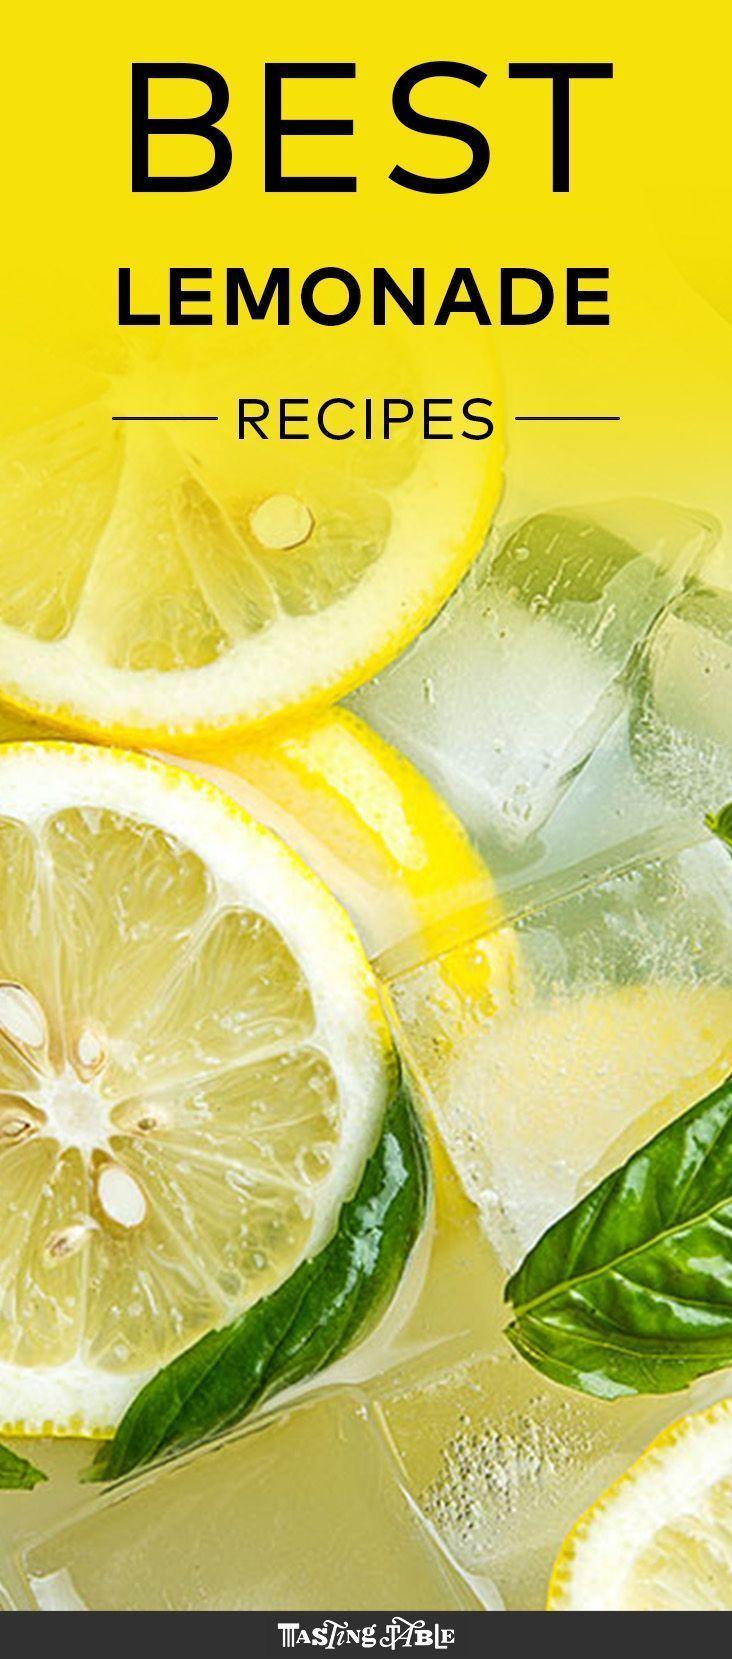 Best Lemonade Recipes